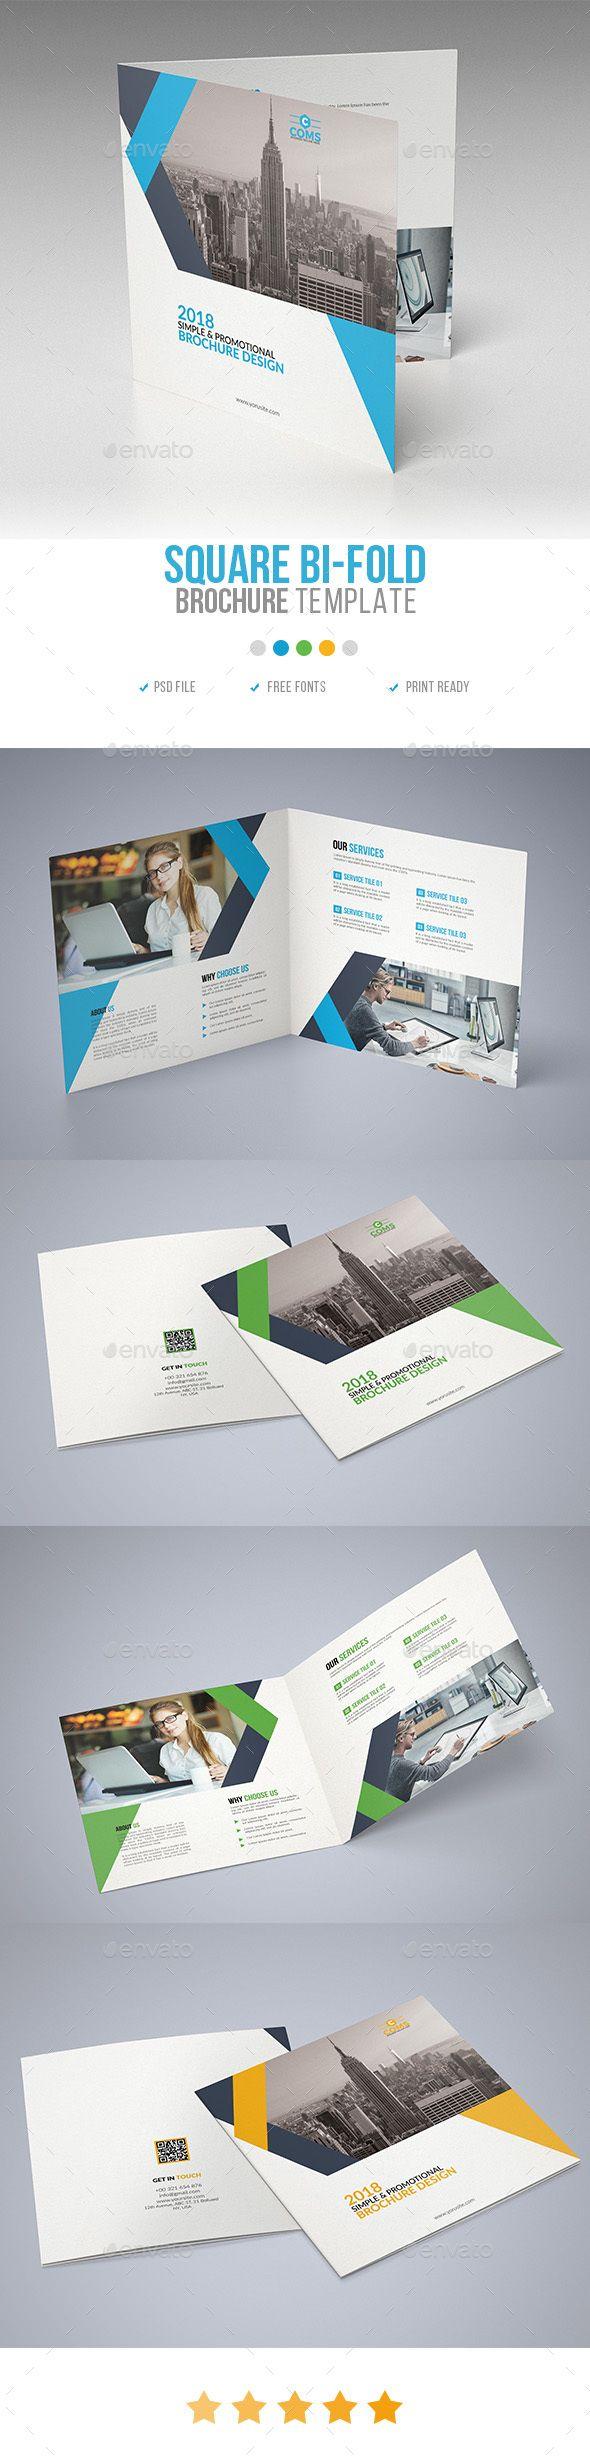 481 besten Brochure Inspiration Bilder auf Pinterest | Broschüre ...